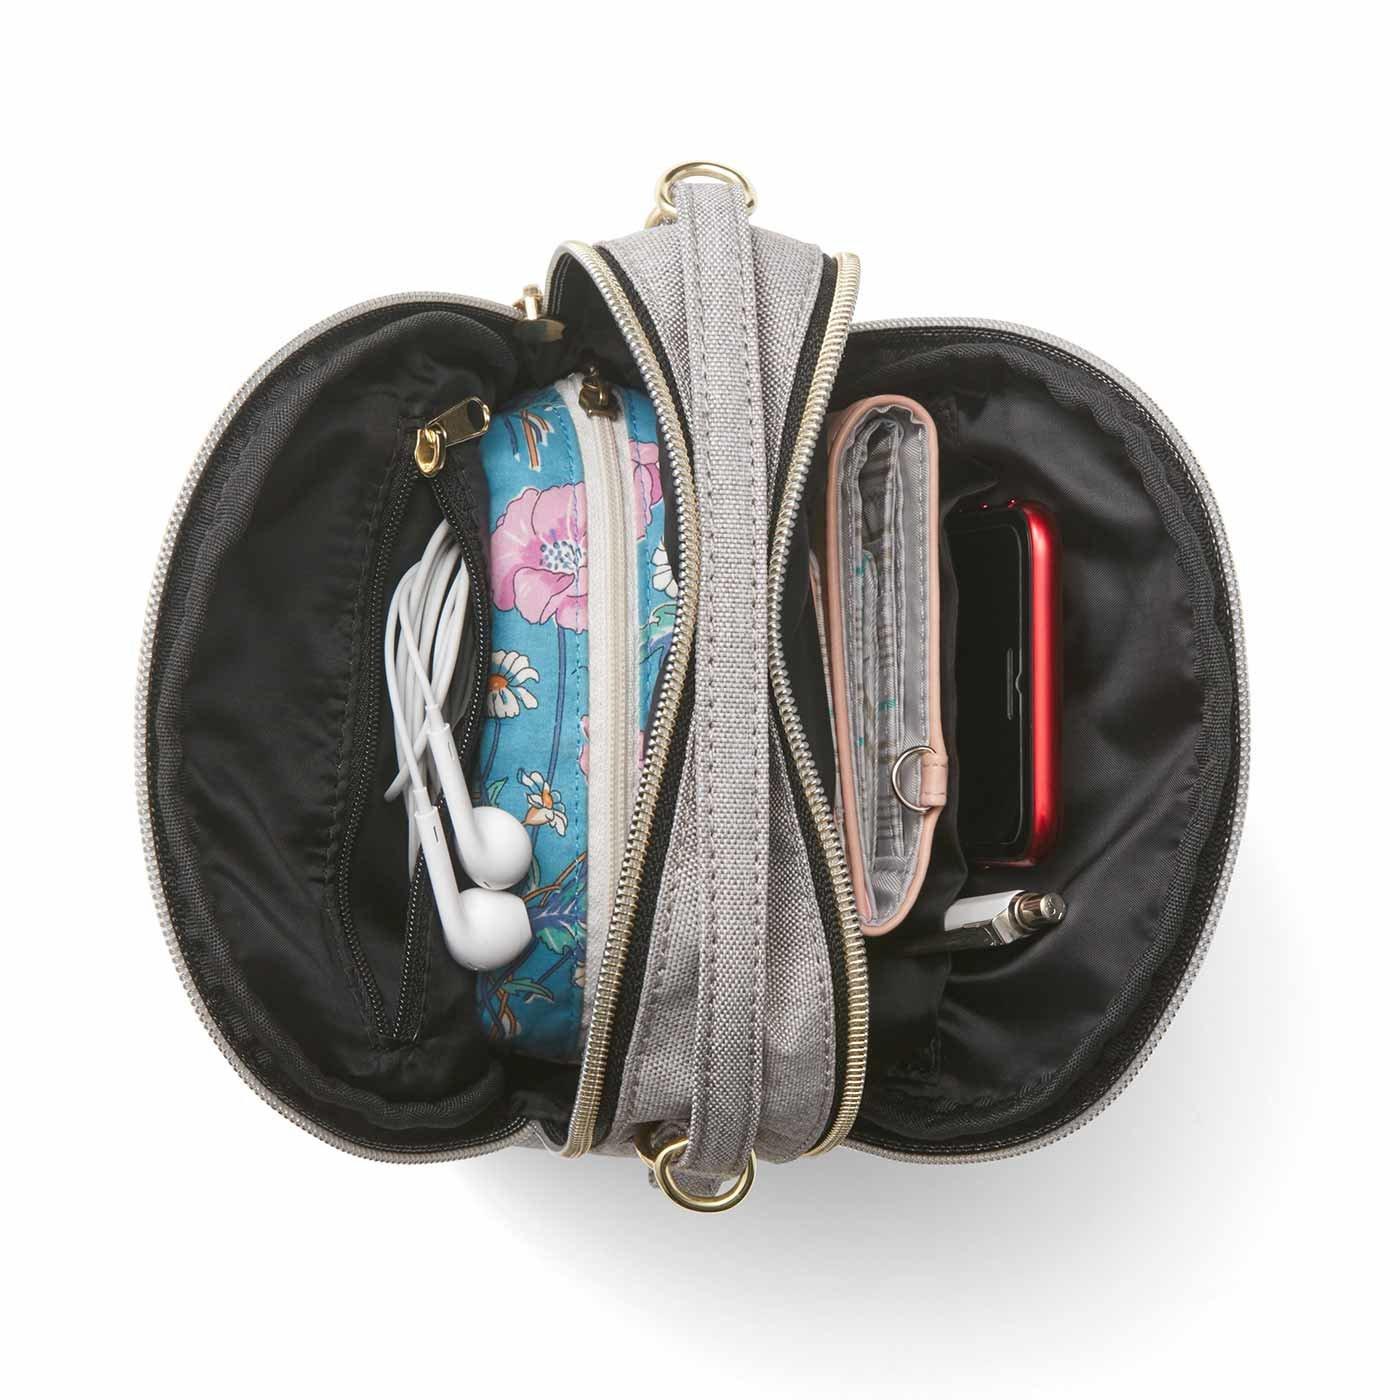 セブンポケット よくばり撥水(はっすい) ミニショルダー